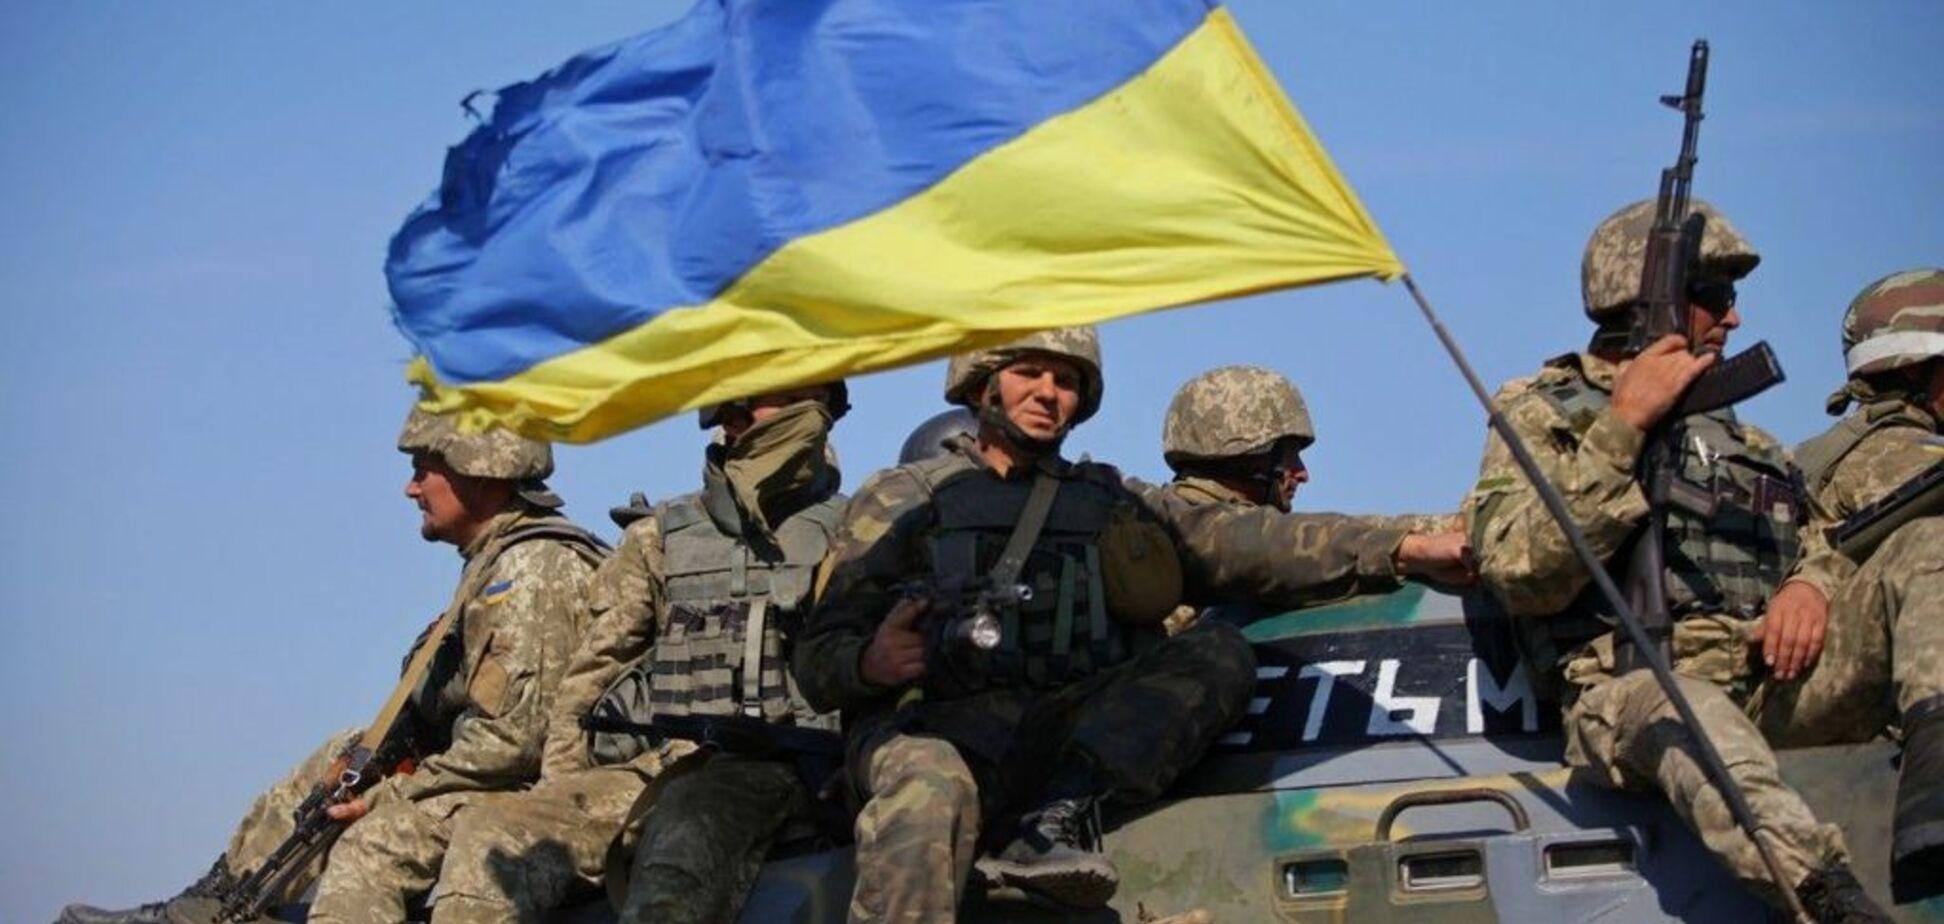 'Готовы убивать и мучить оккупантов': Корчинский рассказал, как росТВ сыграло на руку Украине